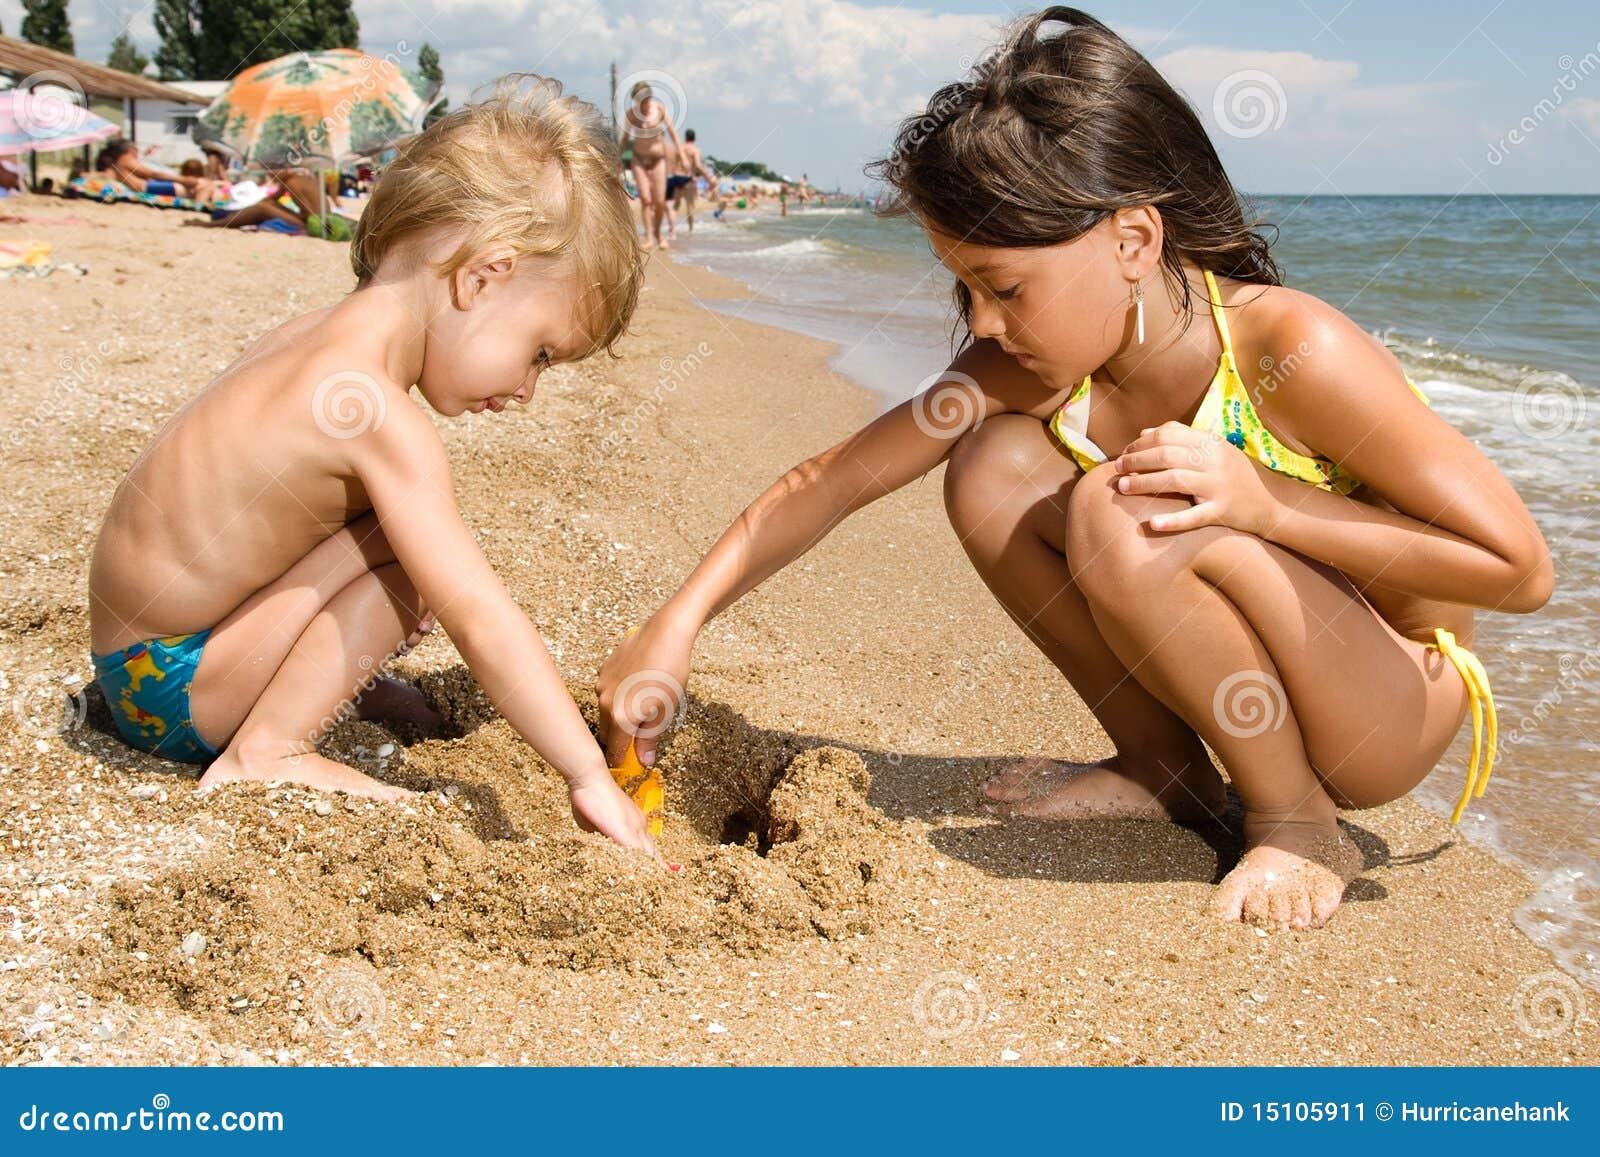 Старшая сестра на пляже 7 фотография